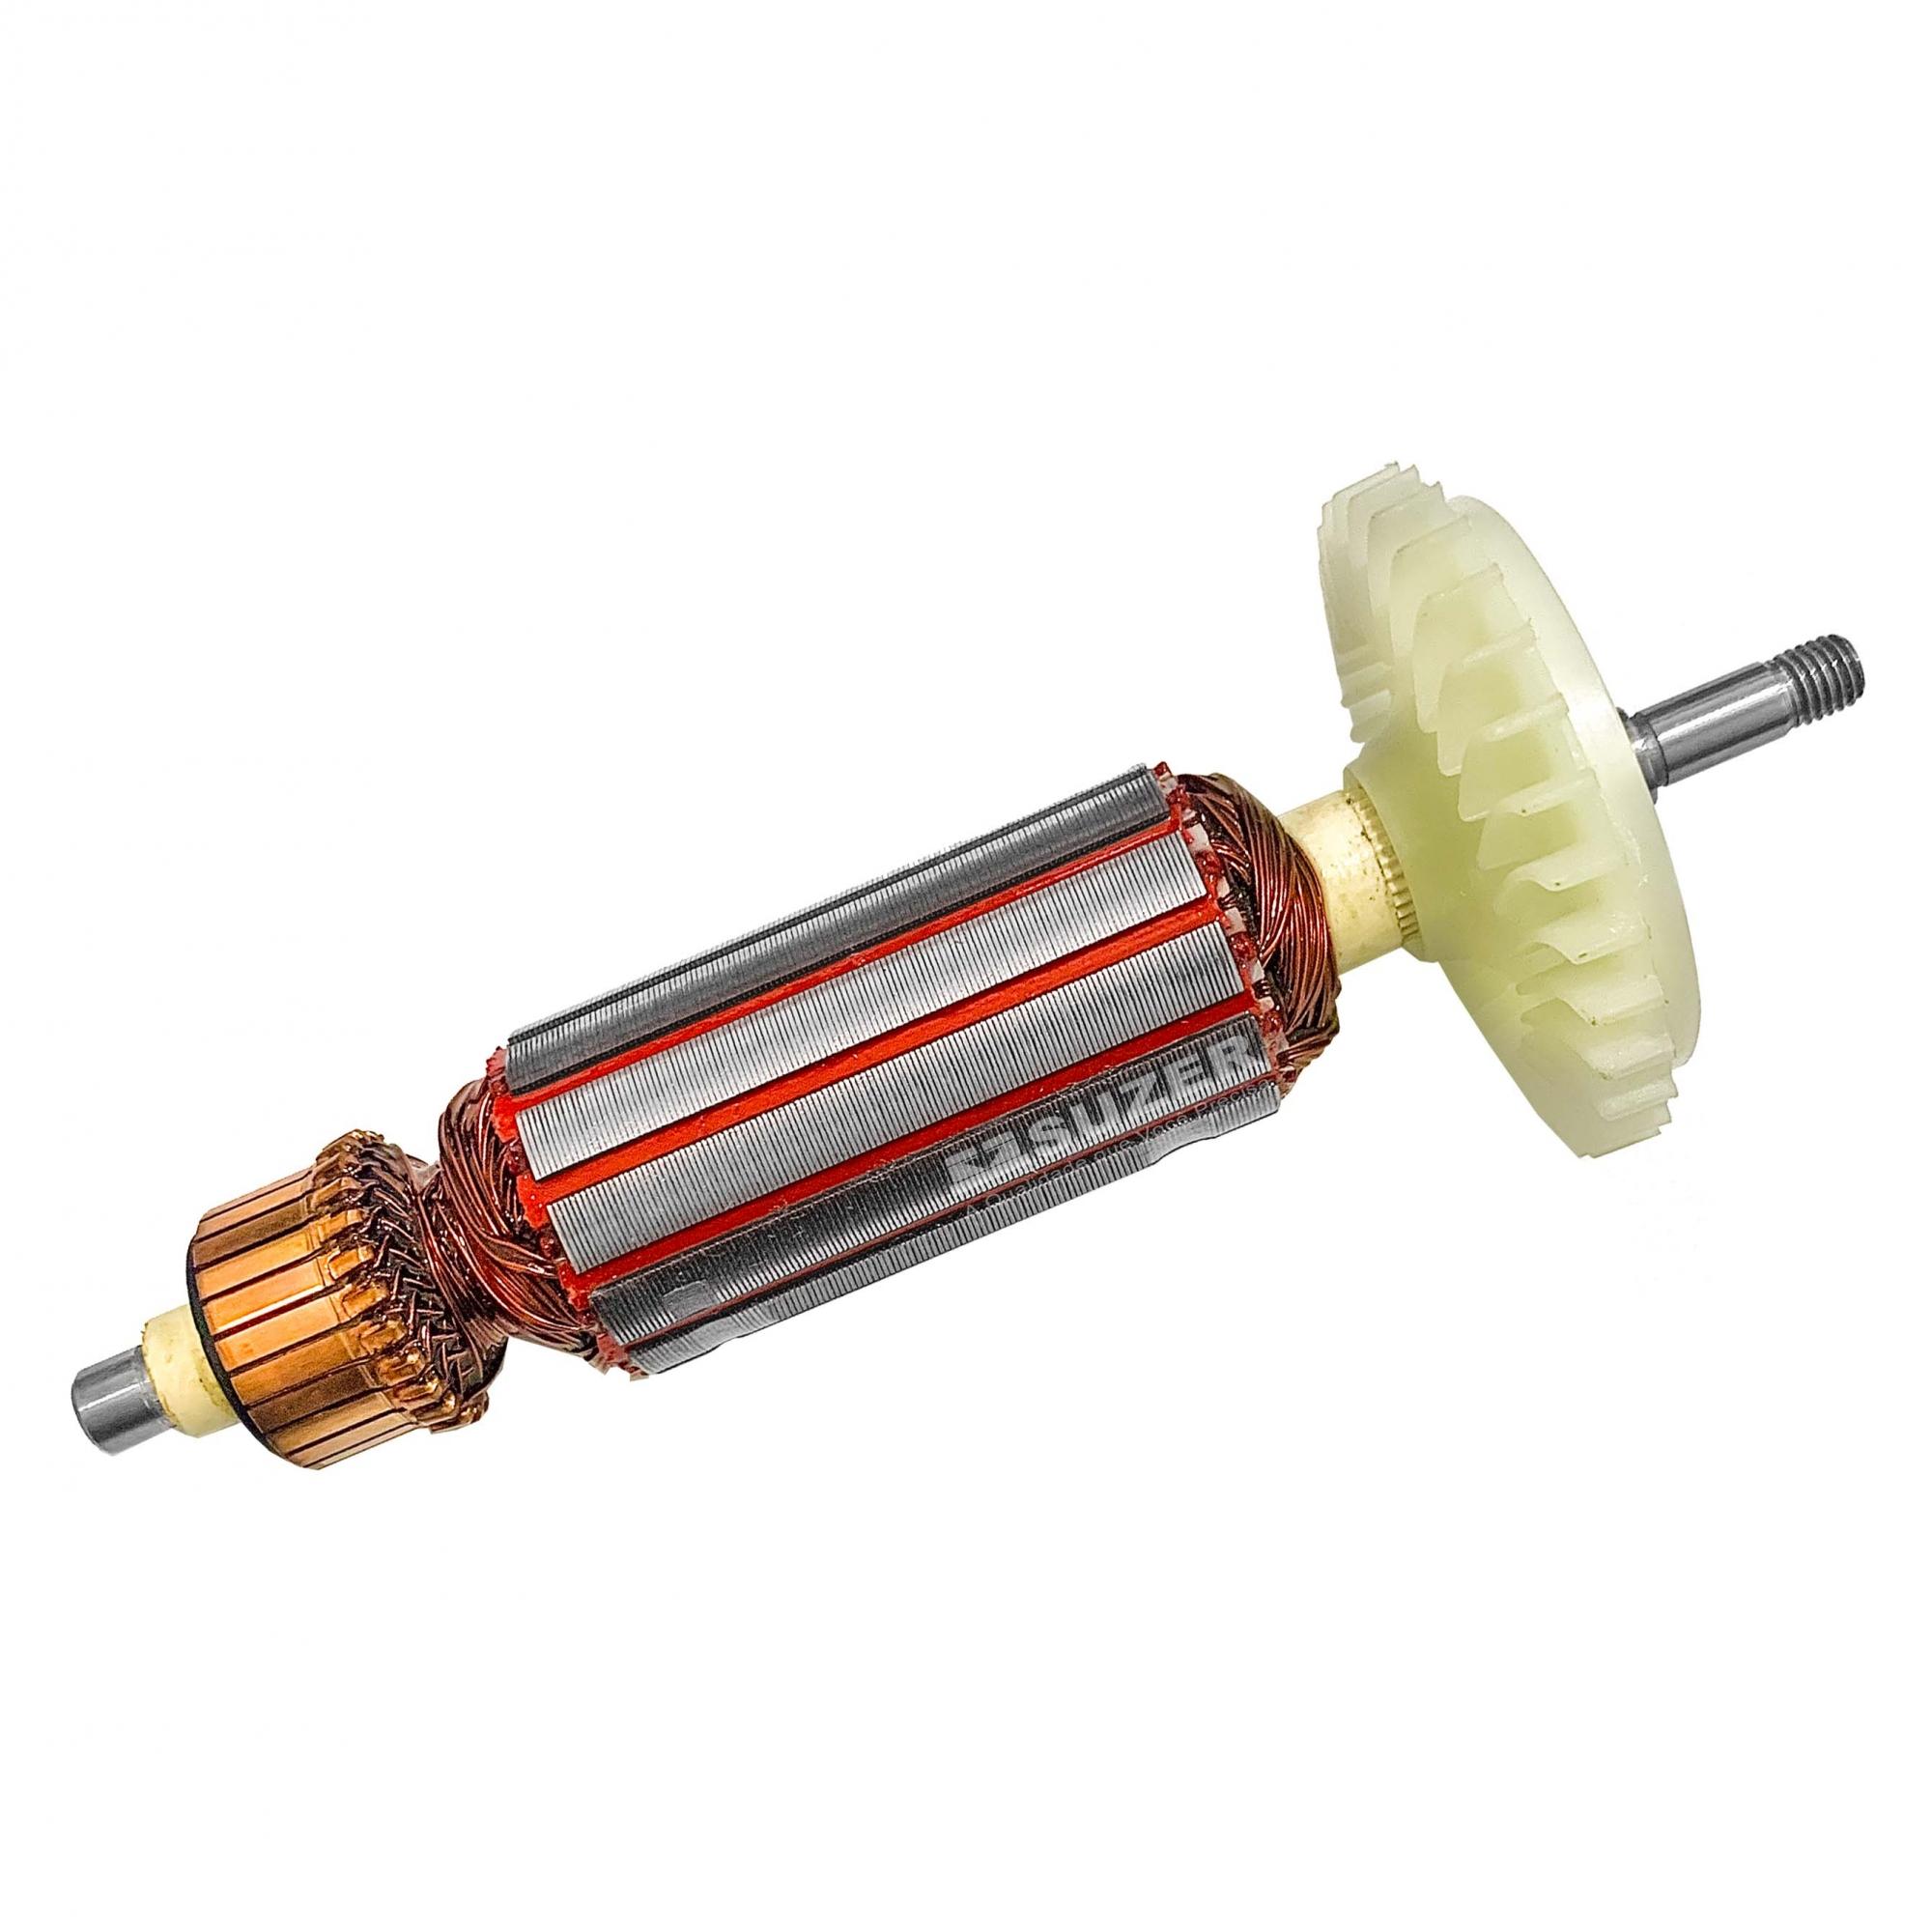 """Induzido (Rotor) para esmerilhadeira bosch 1388 4.1/2"""" Gws 7-115 169mm"""